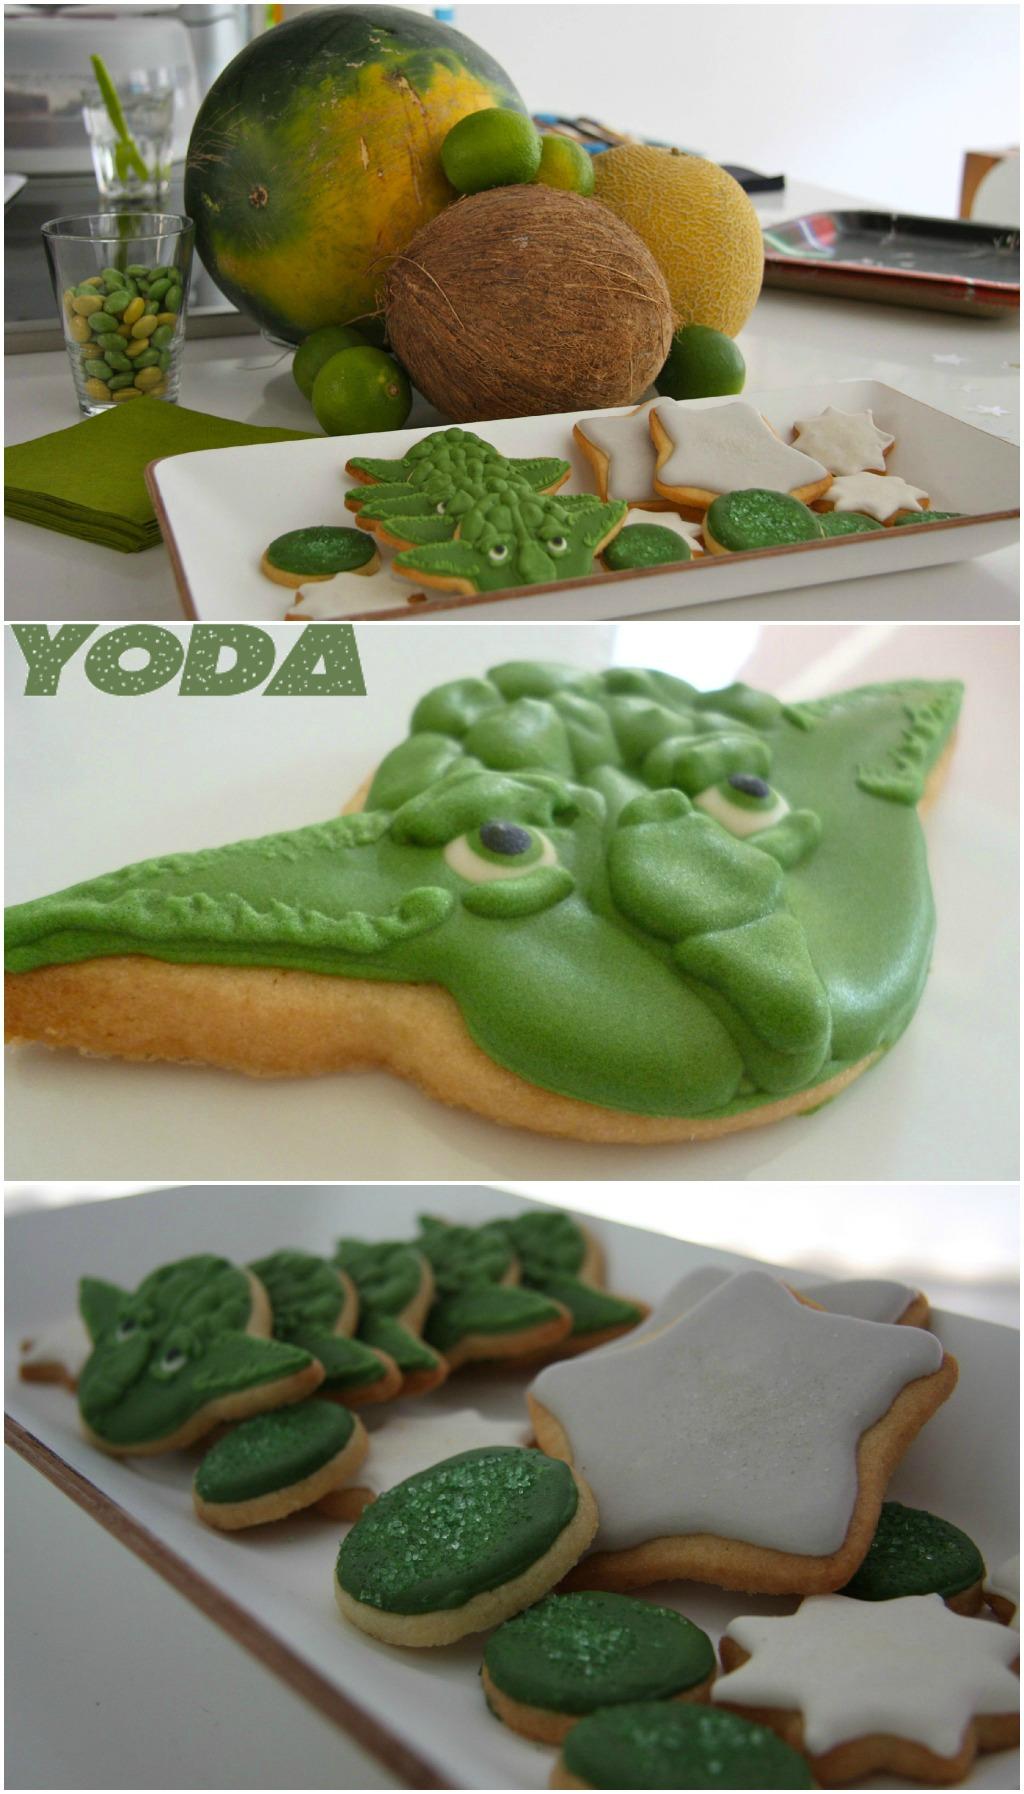 Star Wars Kids themed birthday party Yoda cookies kekse kindergeburtstag